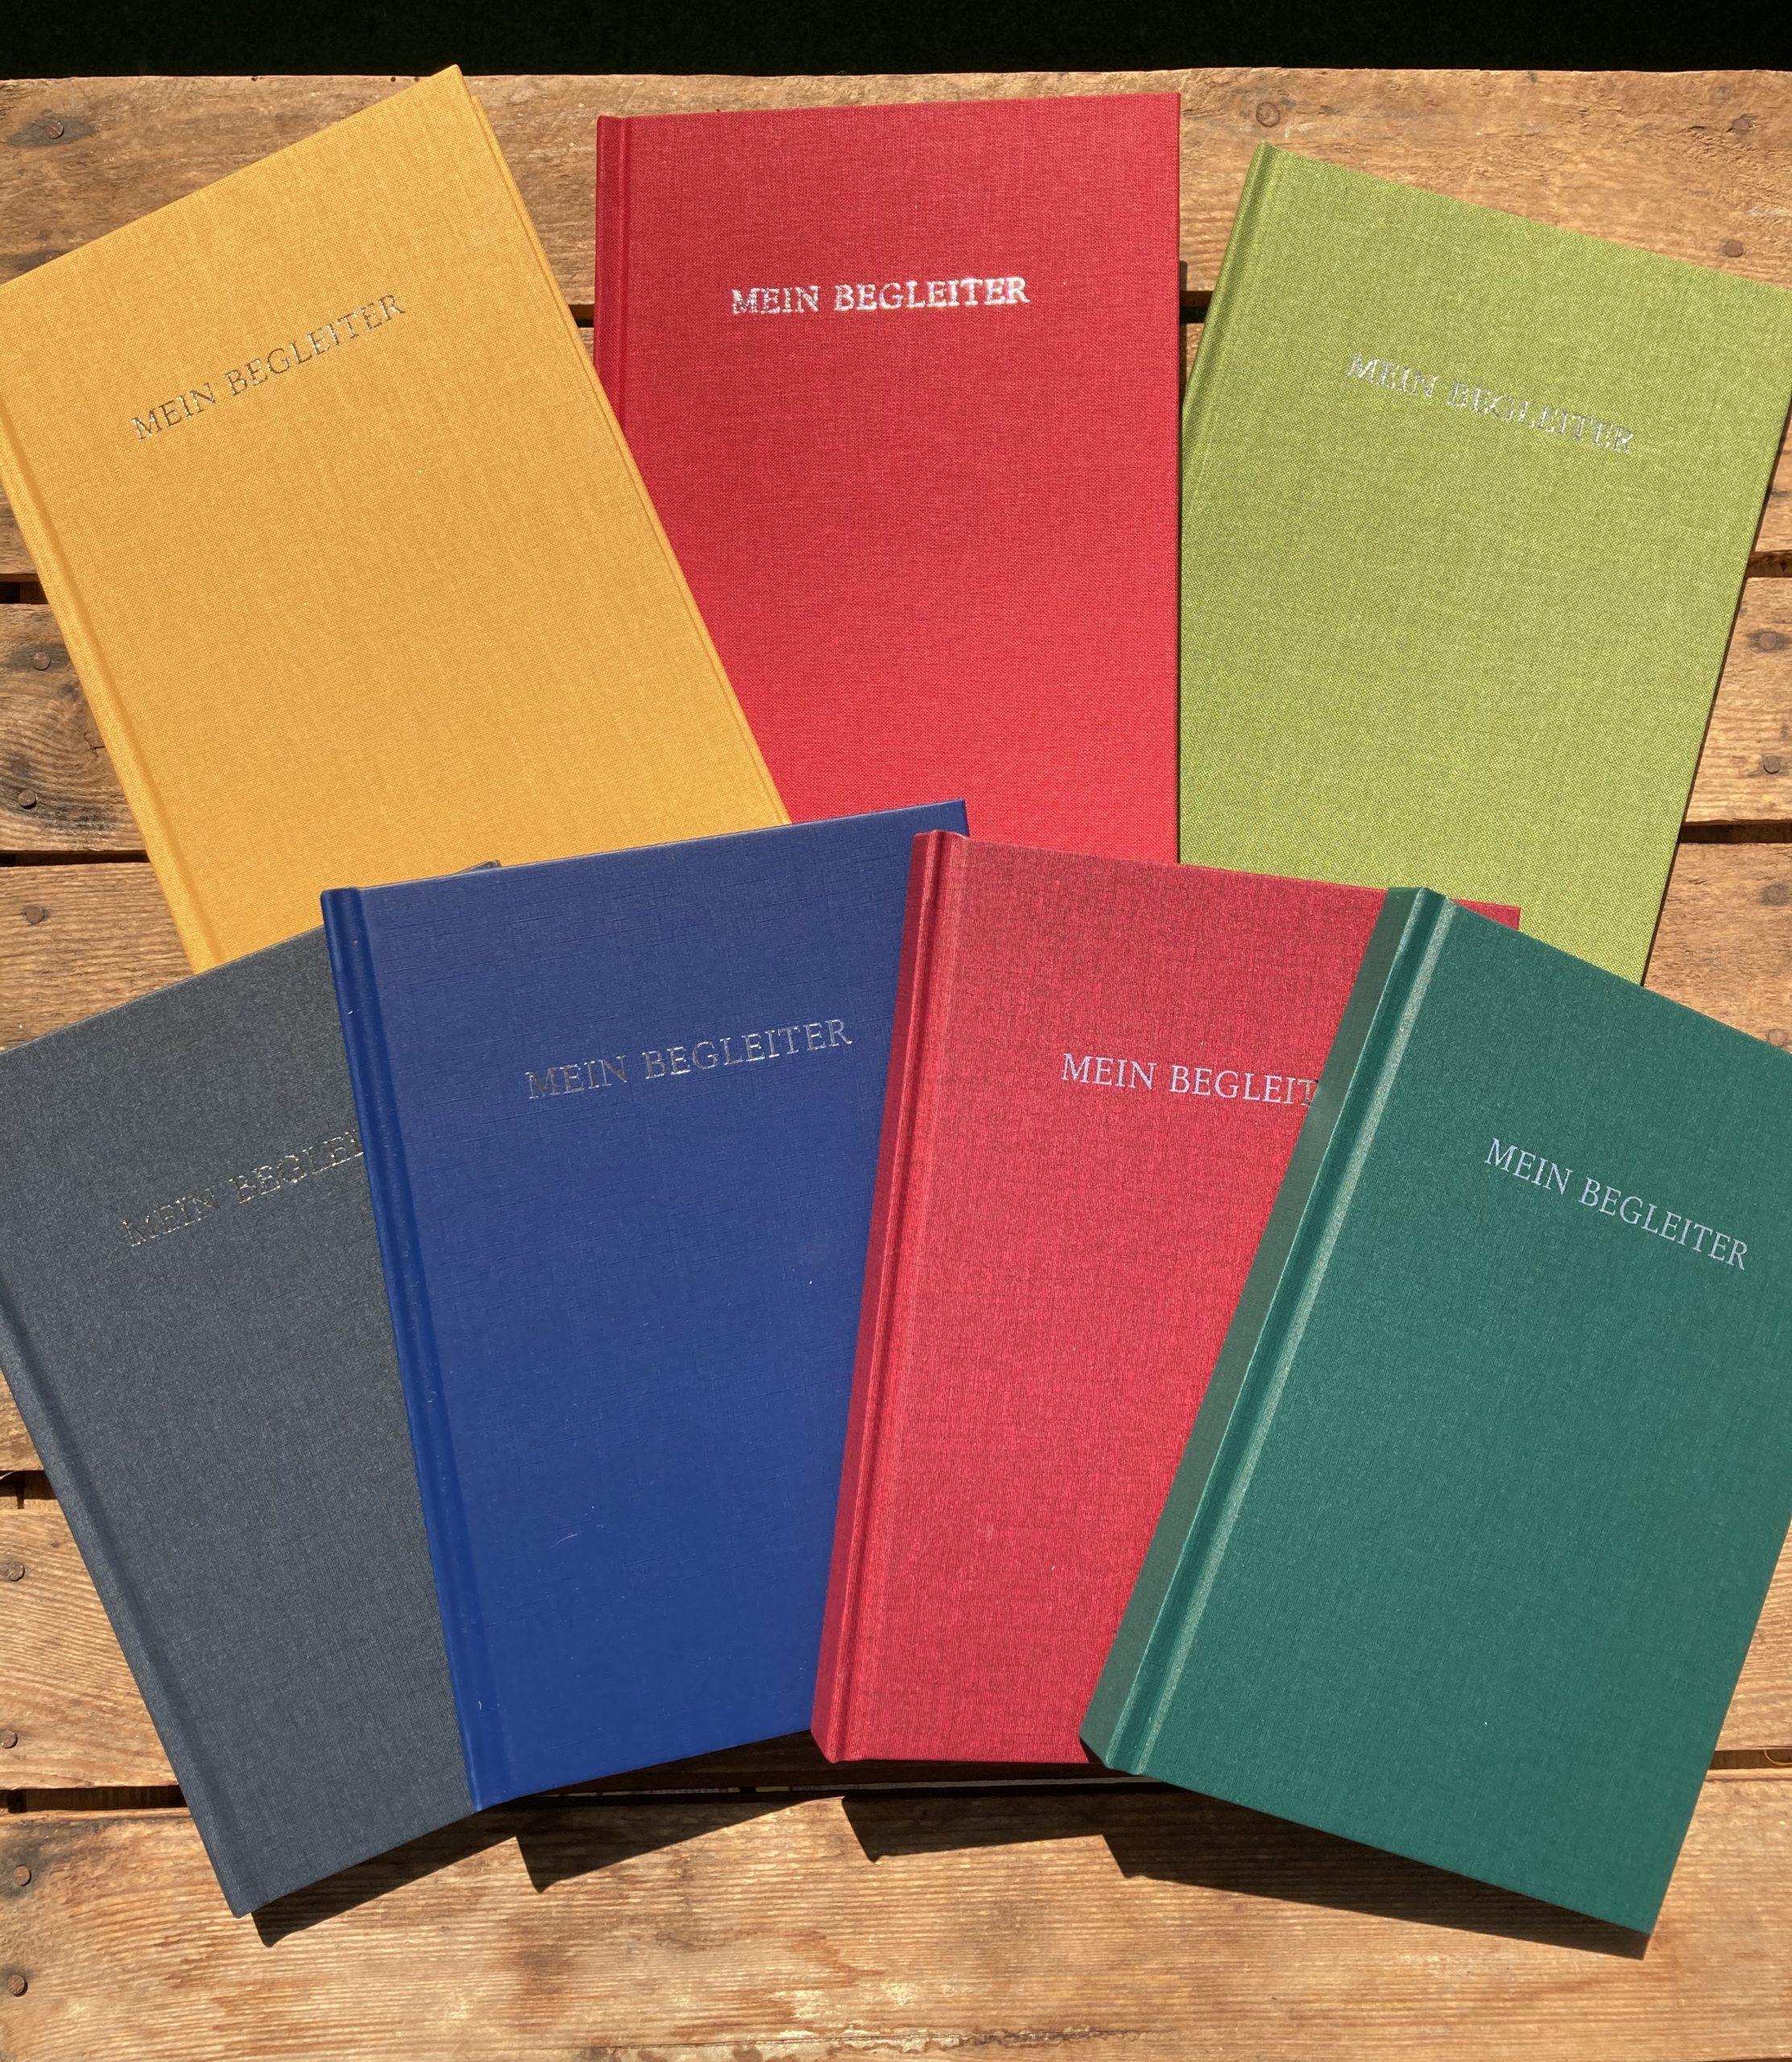 7 Farben, Buchleder und Leinen